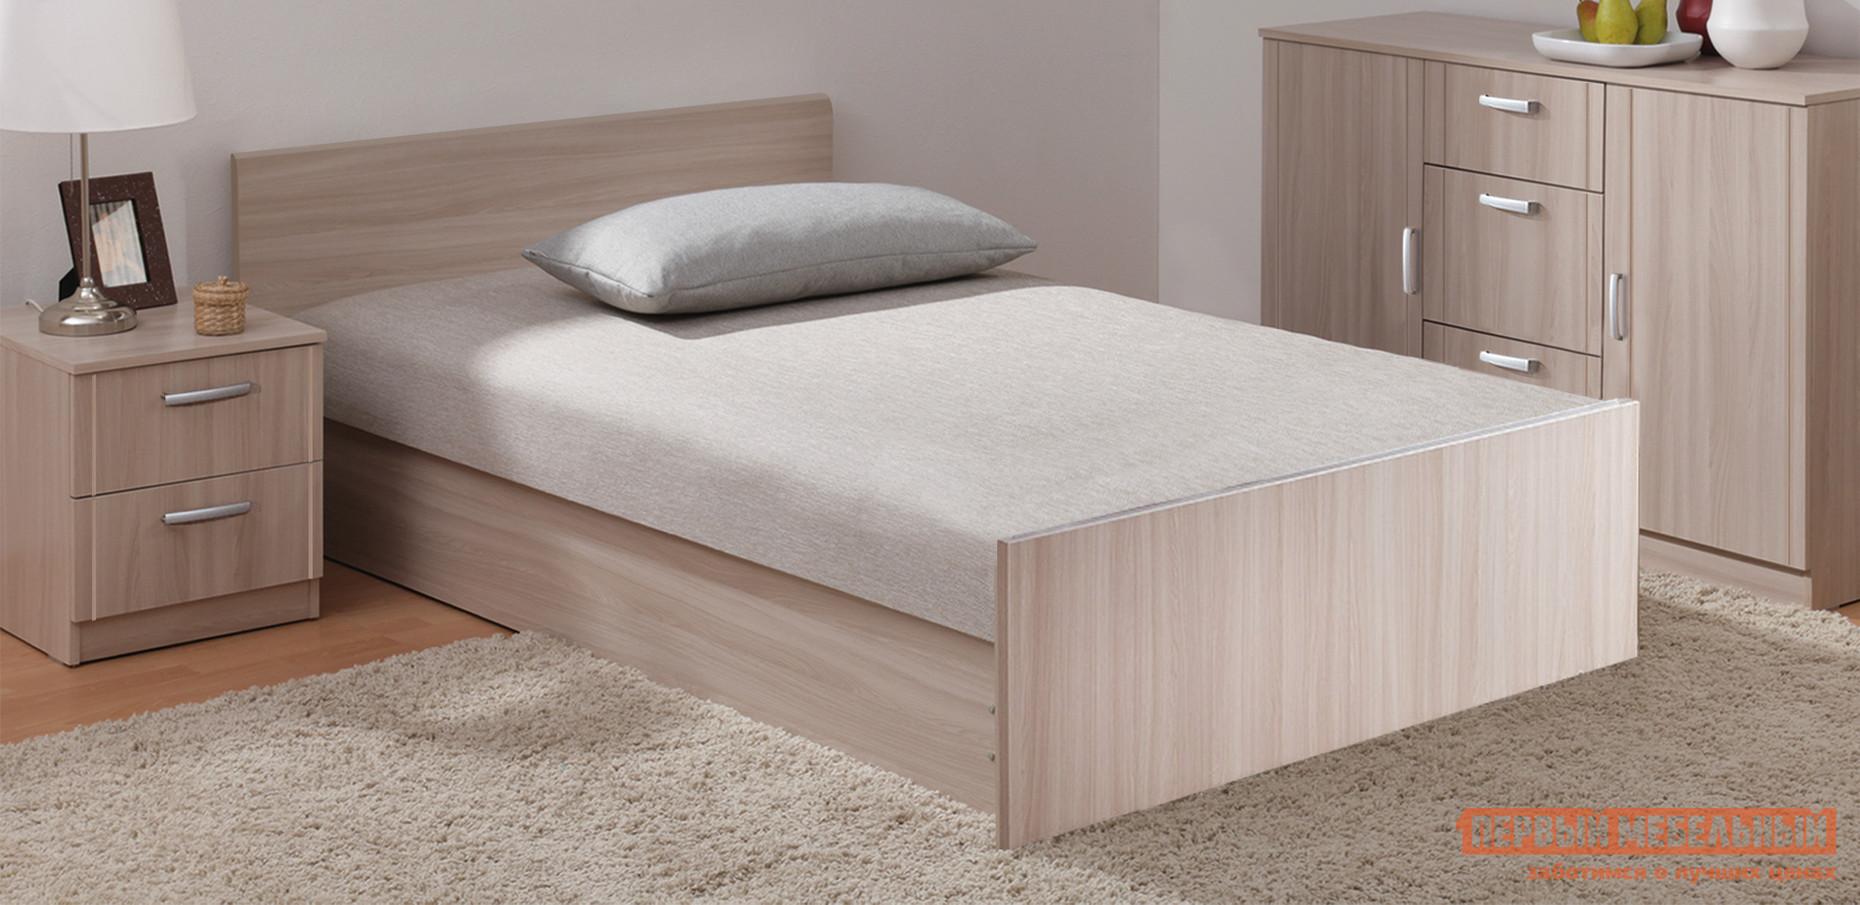 Тахта-кровать с ортопедическим матрасом Боровичи Тахта